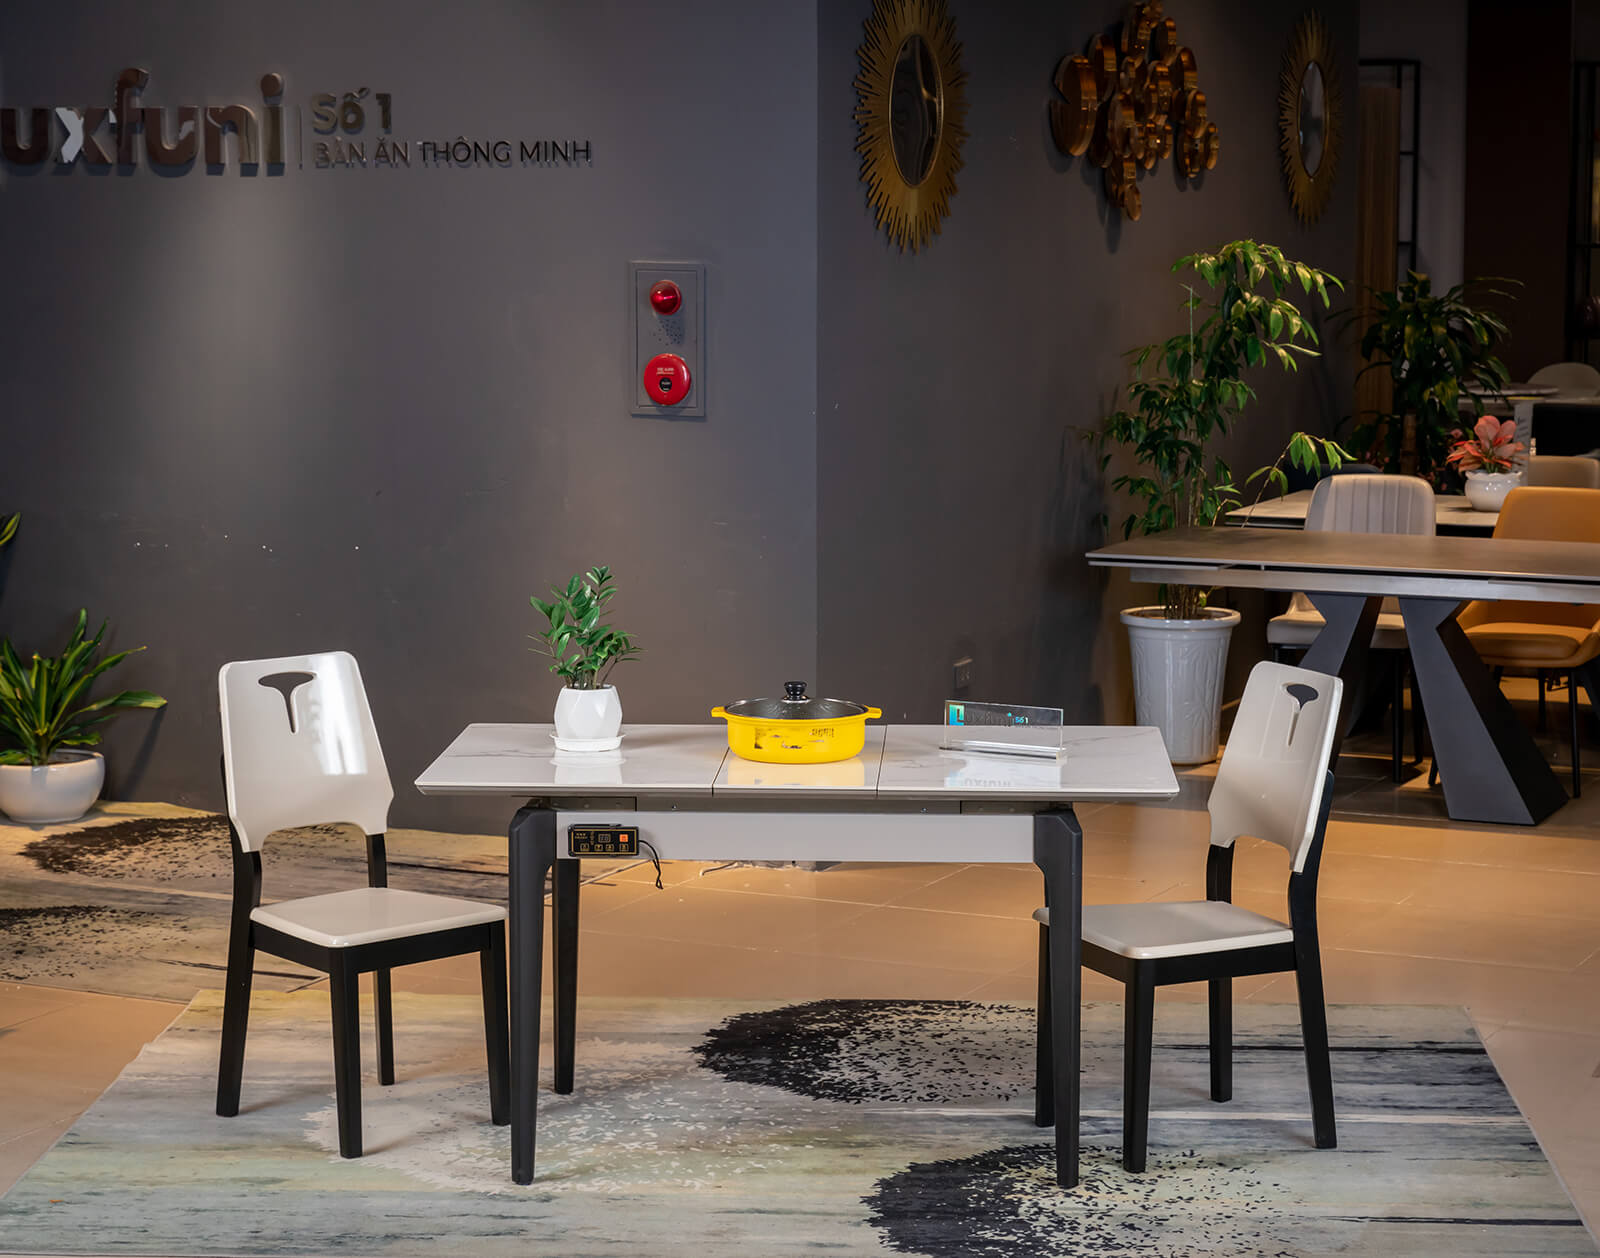 Khi mở rộng hoàn thành kích thước bàn lên đến 1,4m cho 8 người sử dụng